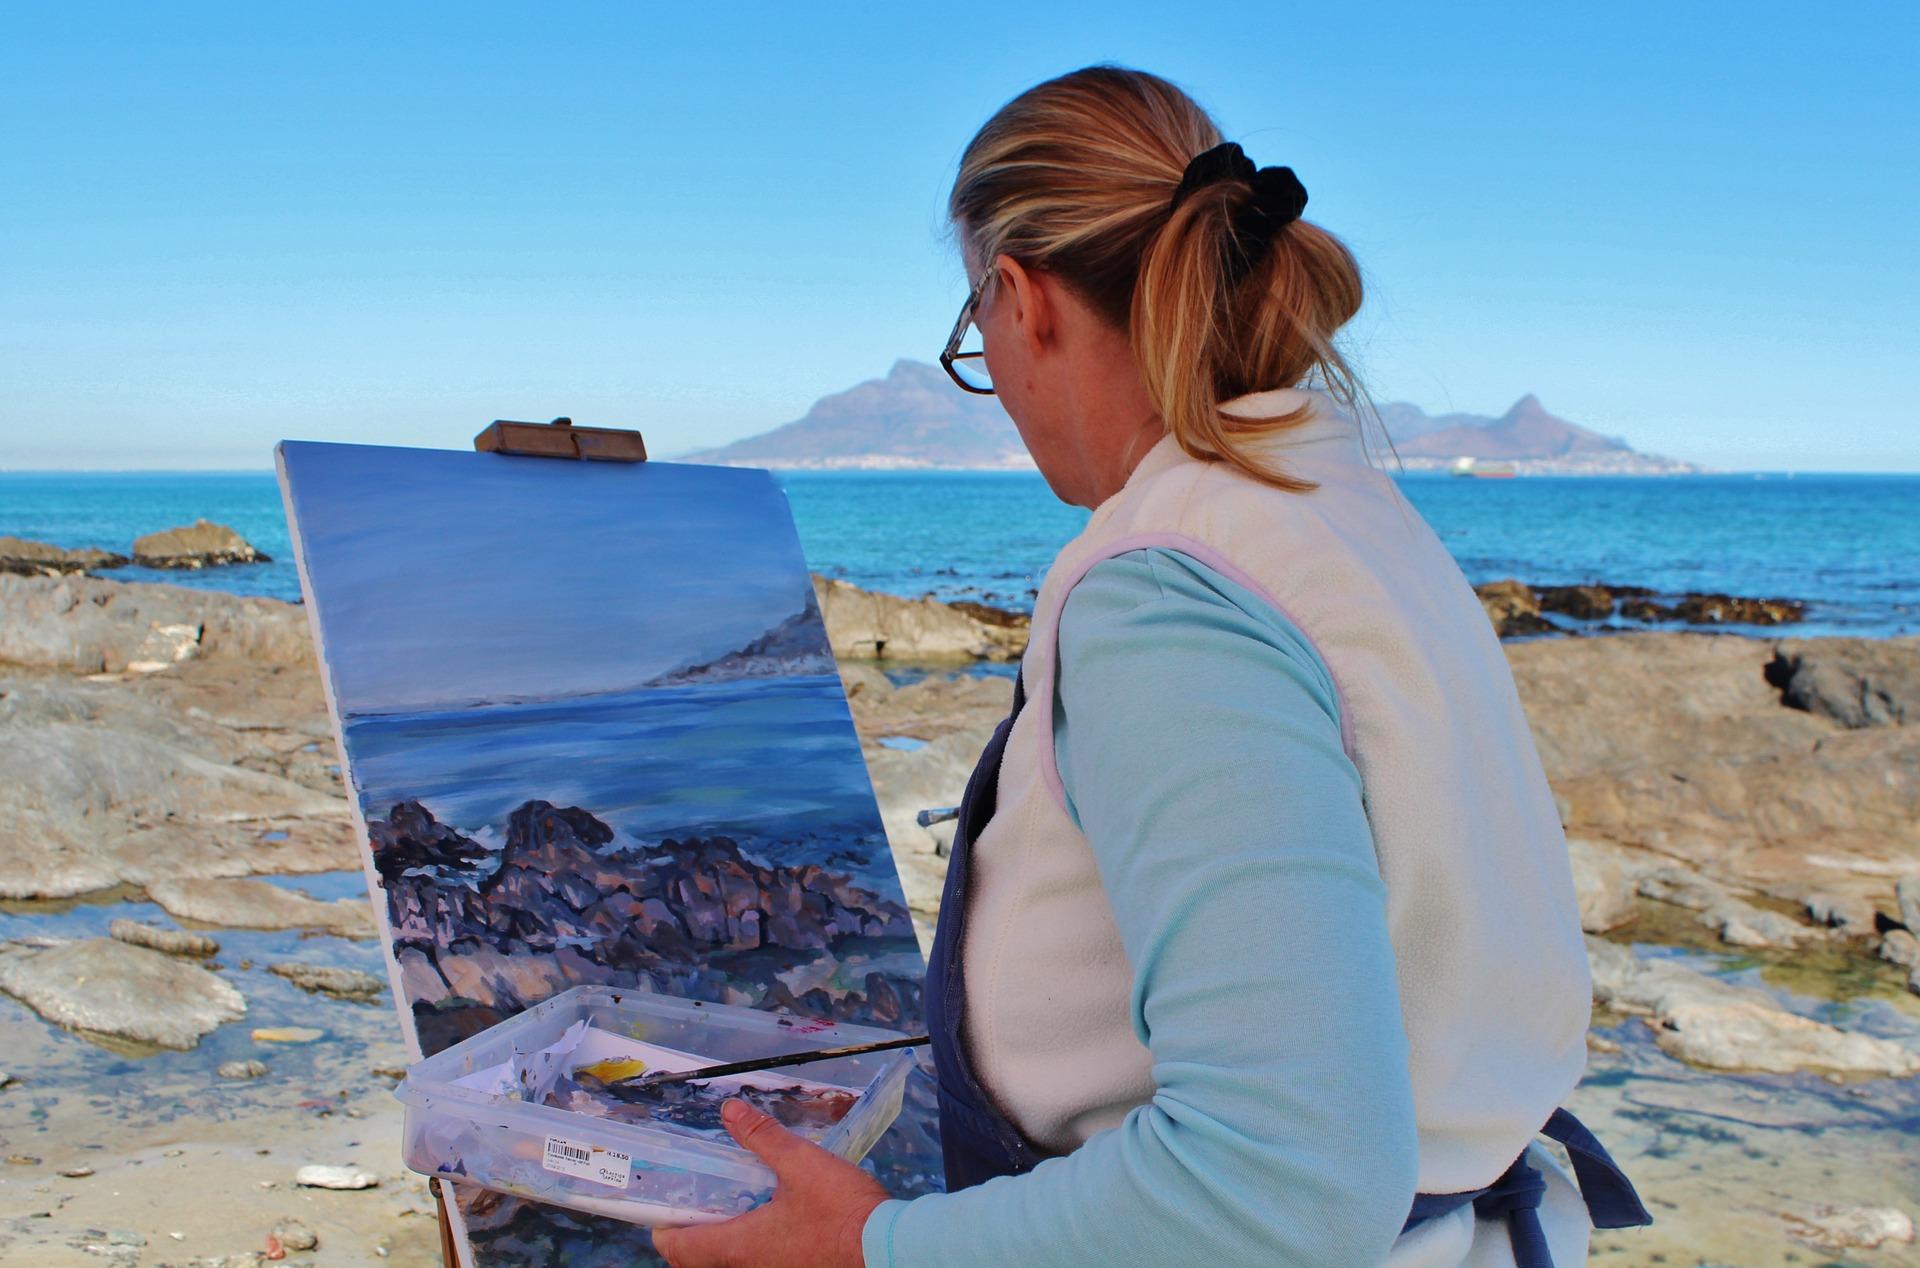 油絵の具の使い方や塗り方、混ぜ方を画家が簡単解説!